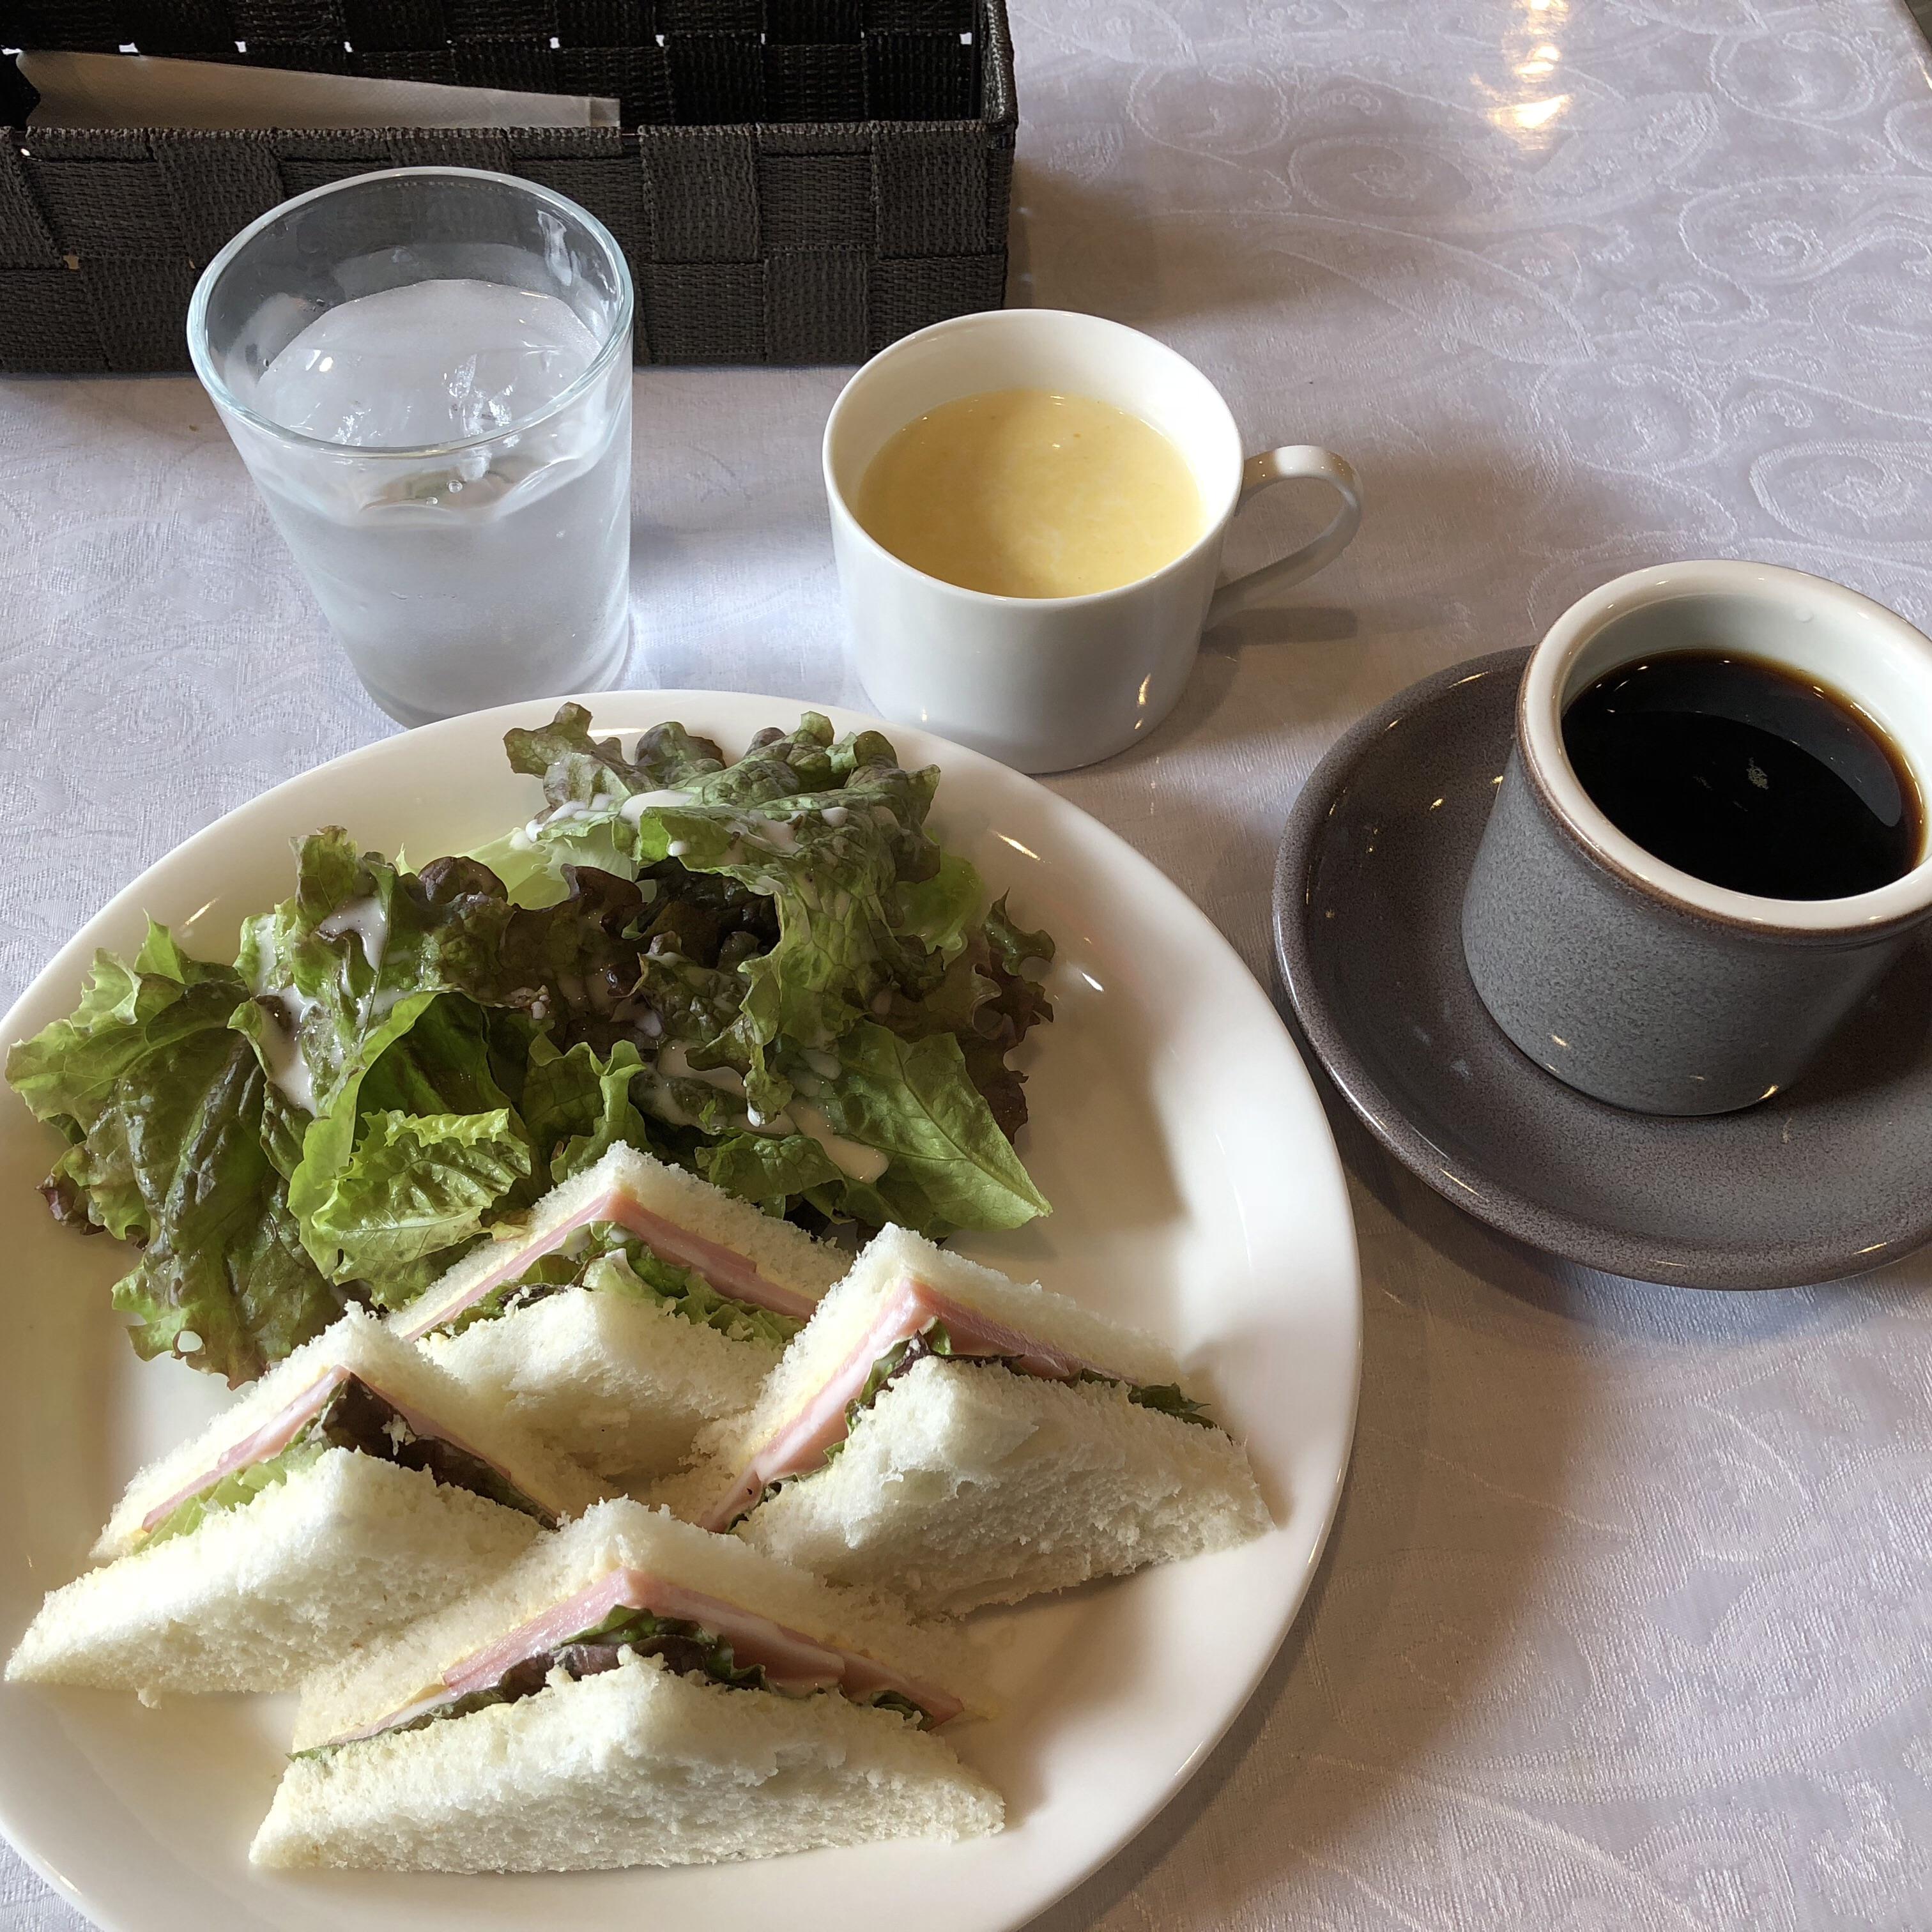 愛知県名古屋市のおすすめサンドイッチモーニング 可愛いカフェのセブンスヘブン